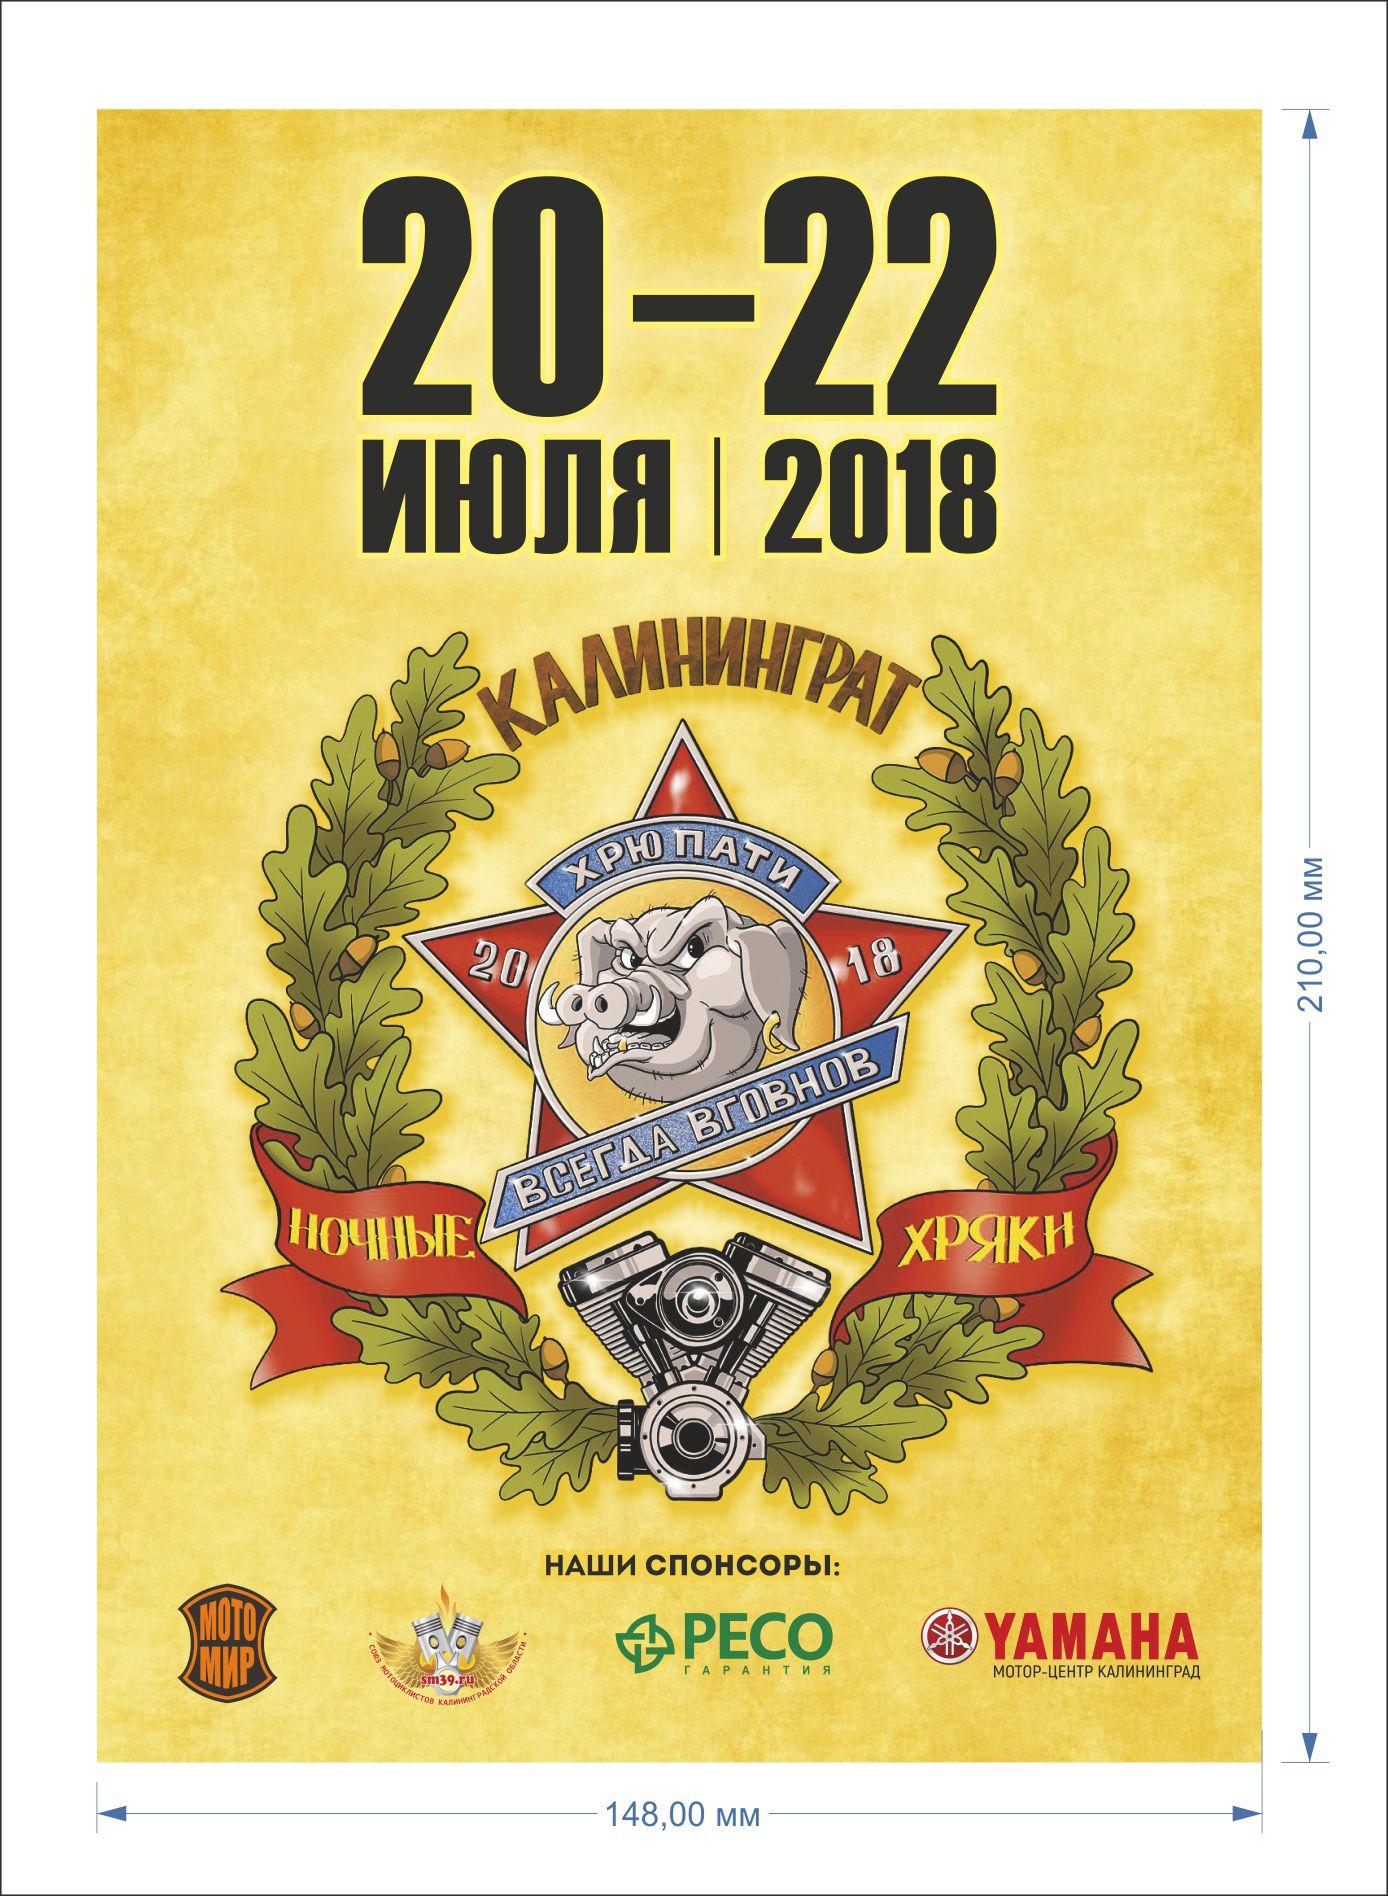 20-22 июля ХРЮ-ПАТИ 2018